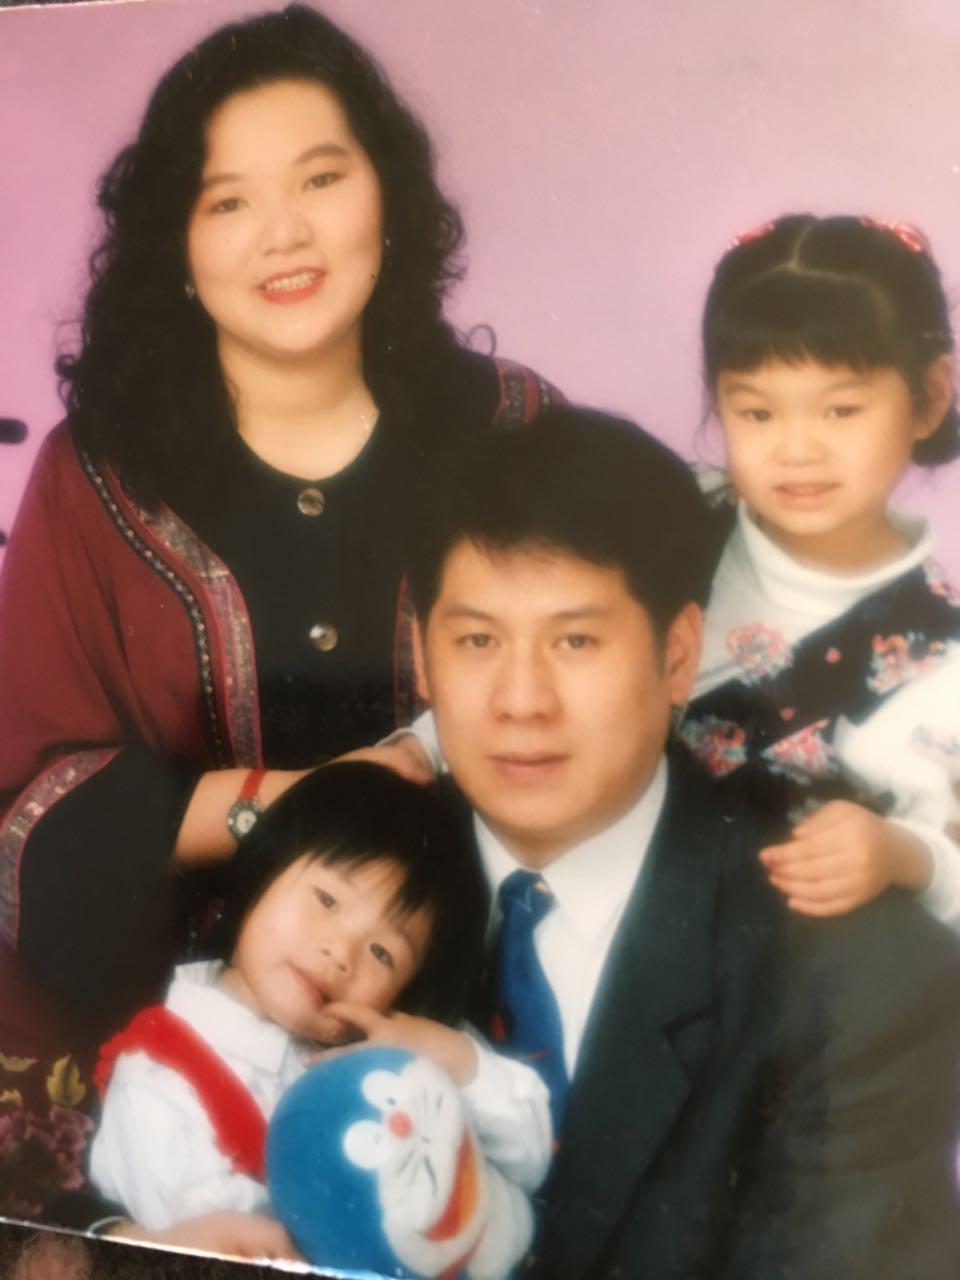 丁丁曾经在台湾的家庭